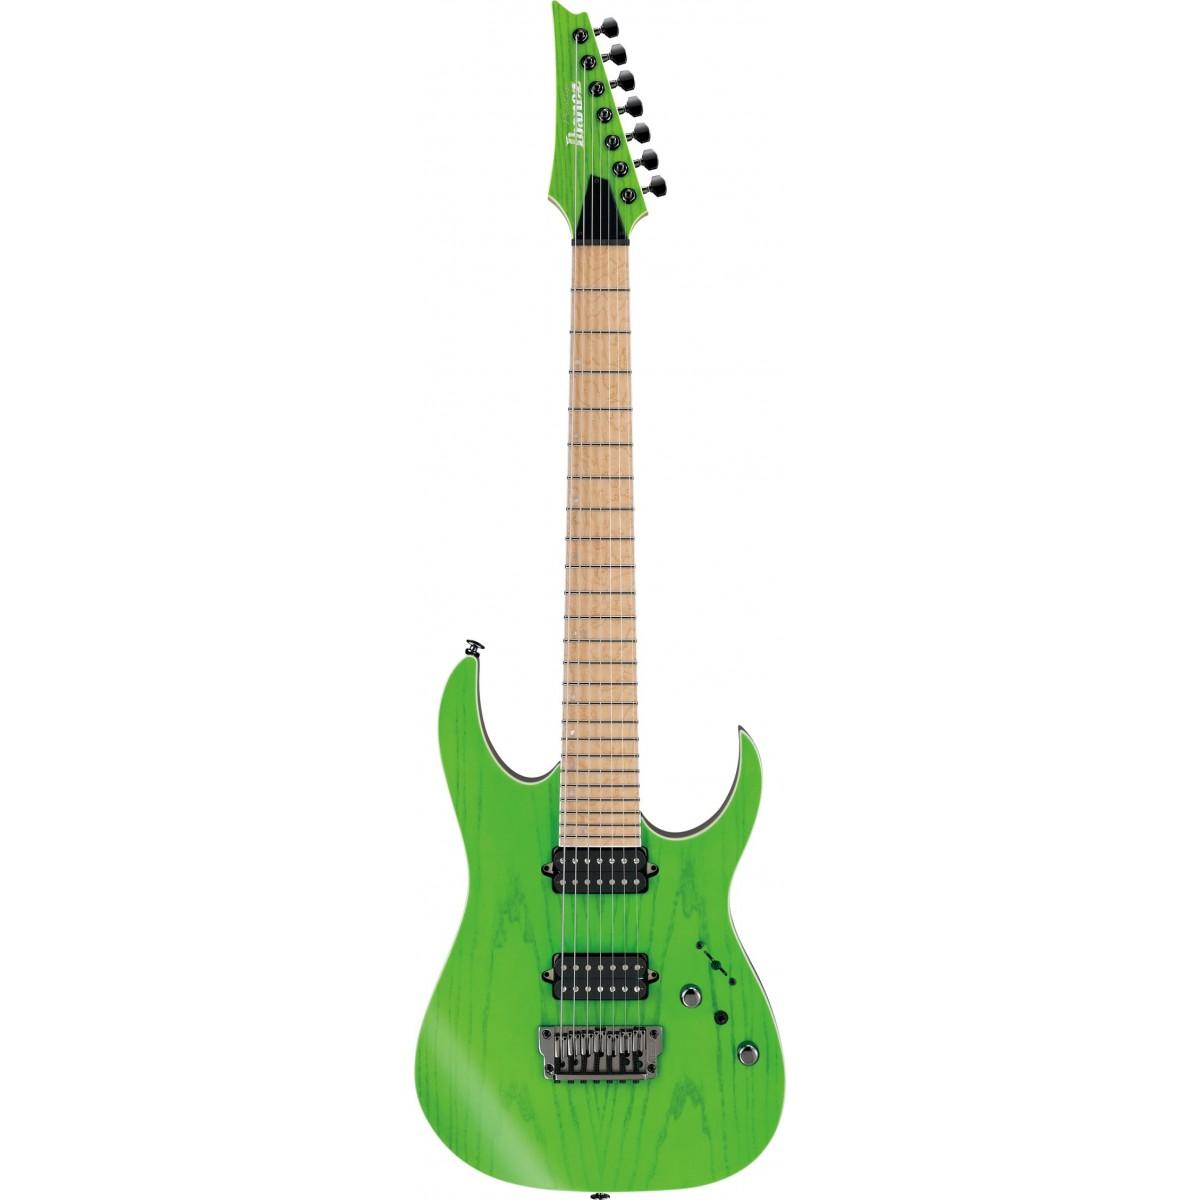 ibanez rgr5227mfx tfg 7 string prestige electric guitar with case transparent fluorescent green 2019. Black Bedroom Furniture Sets. Home Design Ideas